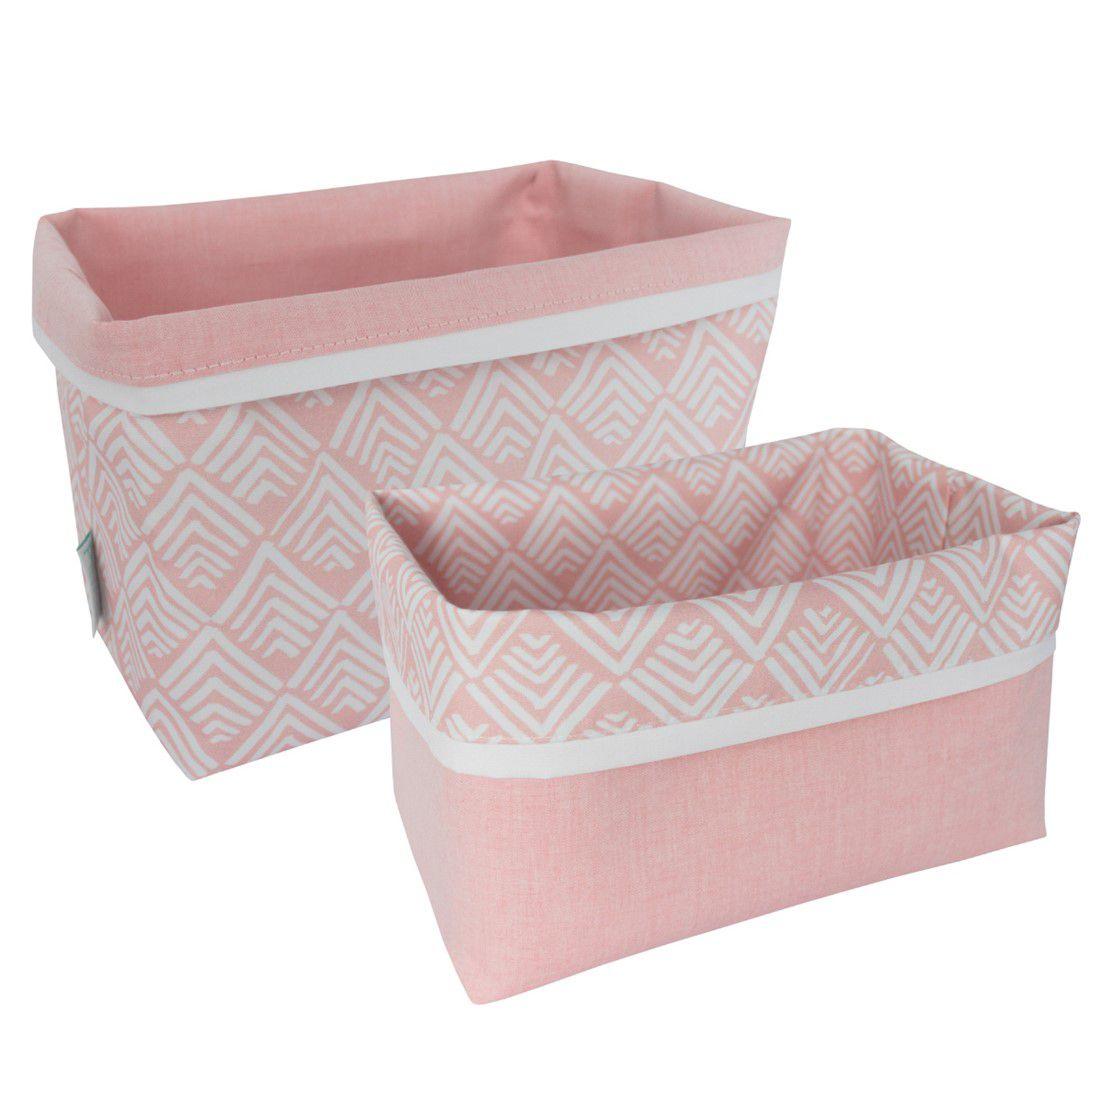 Cestinho organizador oca rosa chá